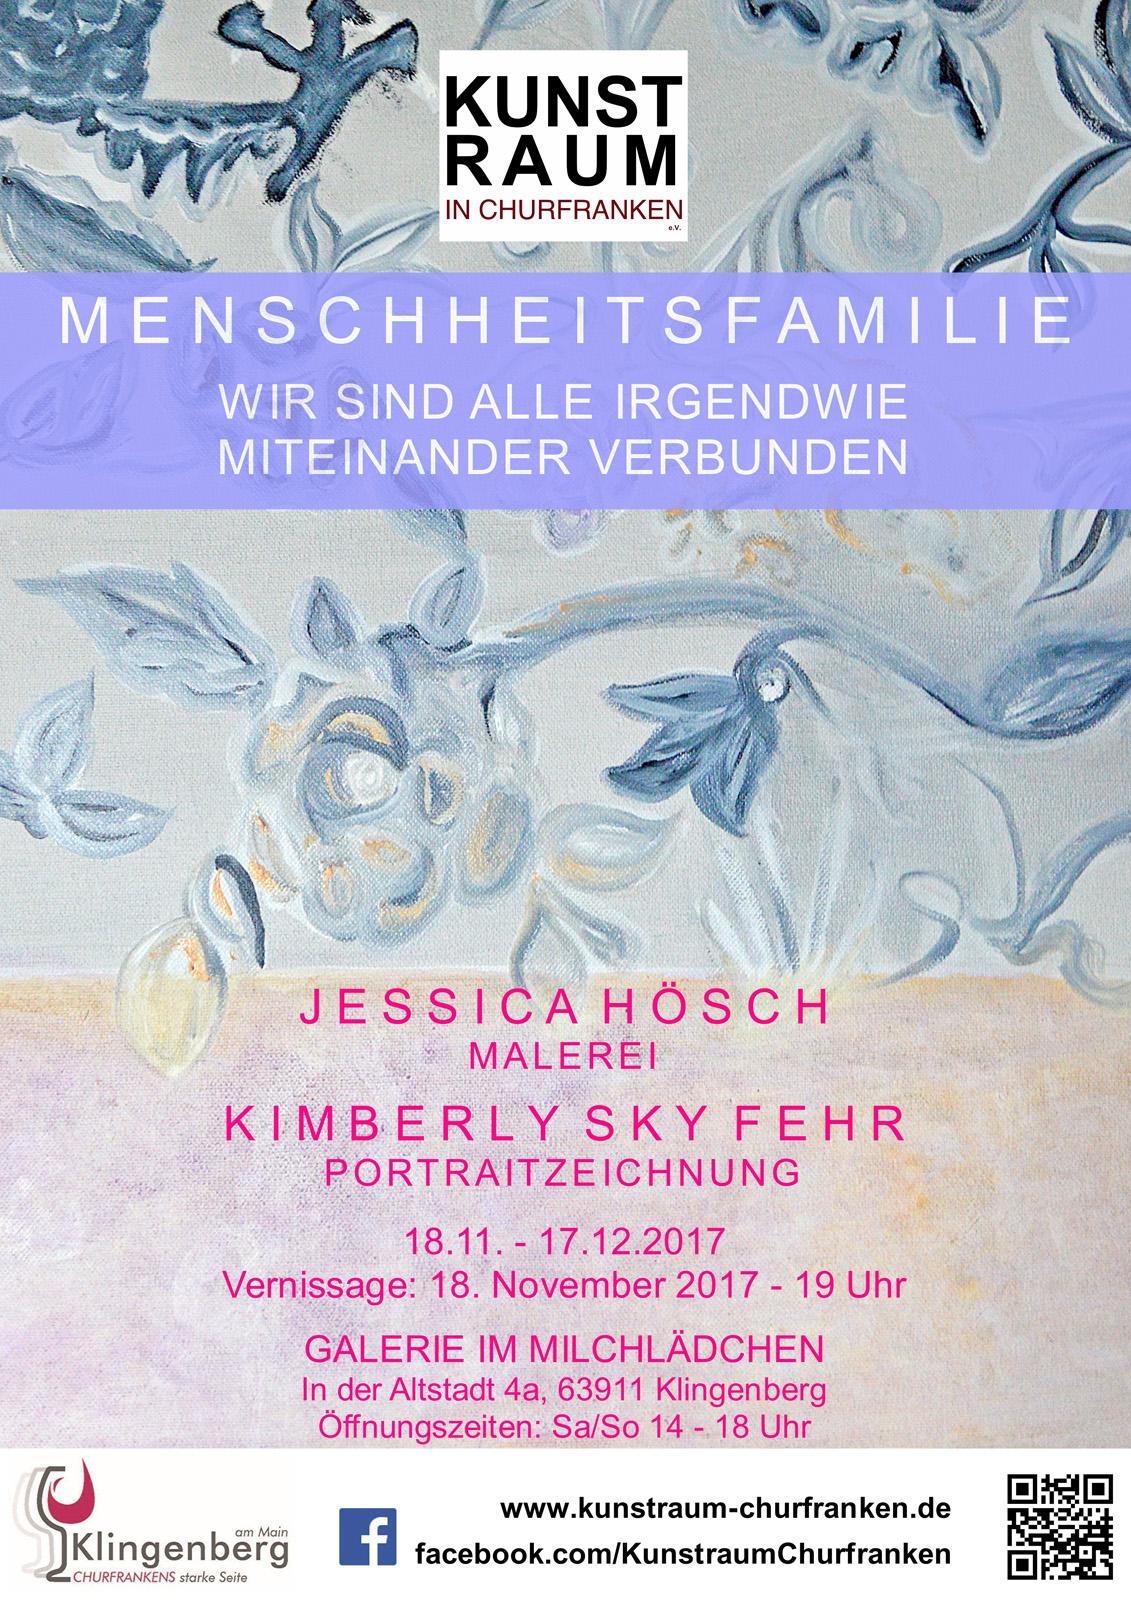 Ausstellung JESSICA HÖSCH + KIMBERLY SKY FEHR, 18.11.-17.12.2017, Galerie im Milchlädchen